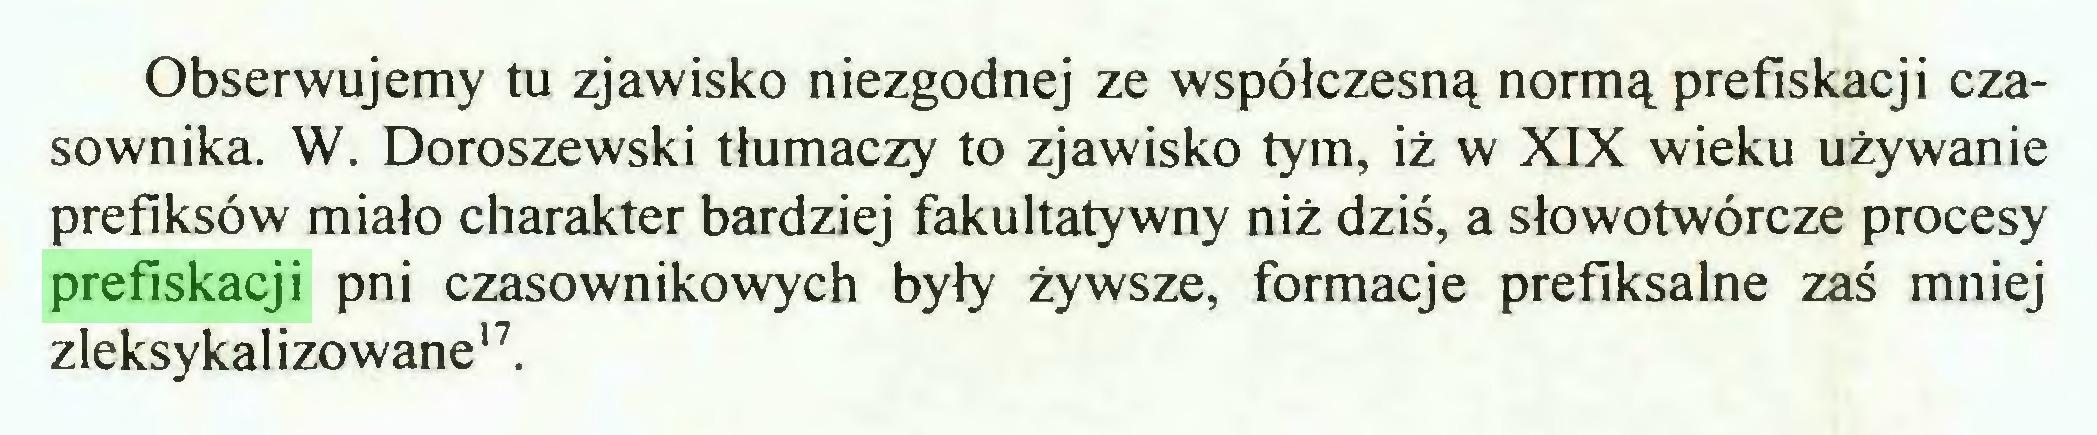 (...) Obserwujemy tu zjawisko niezgodnej ze współczesną normą prefiskacji czasownika. W. Doroszewski tłumaczy to zjawisko tym, iż w XIX wieku używanie prefiksów miało charakter bardziej fakultatywny niż dziś, a słowotwórcze procesy prefiskacji pni czasownikowych były żywsze, formacje prefiksalne zaś mniej zleksy kal izowane17...